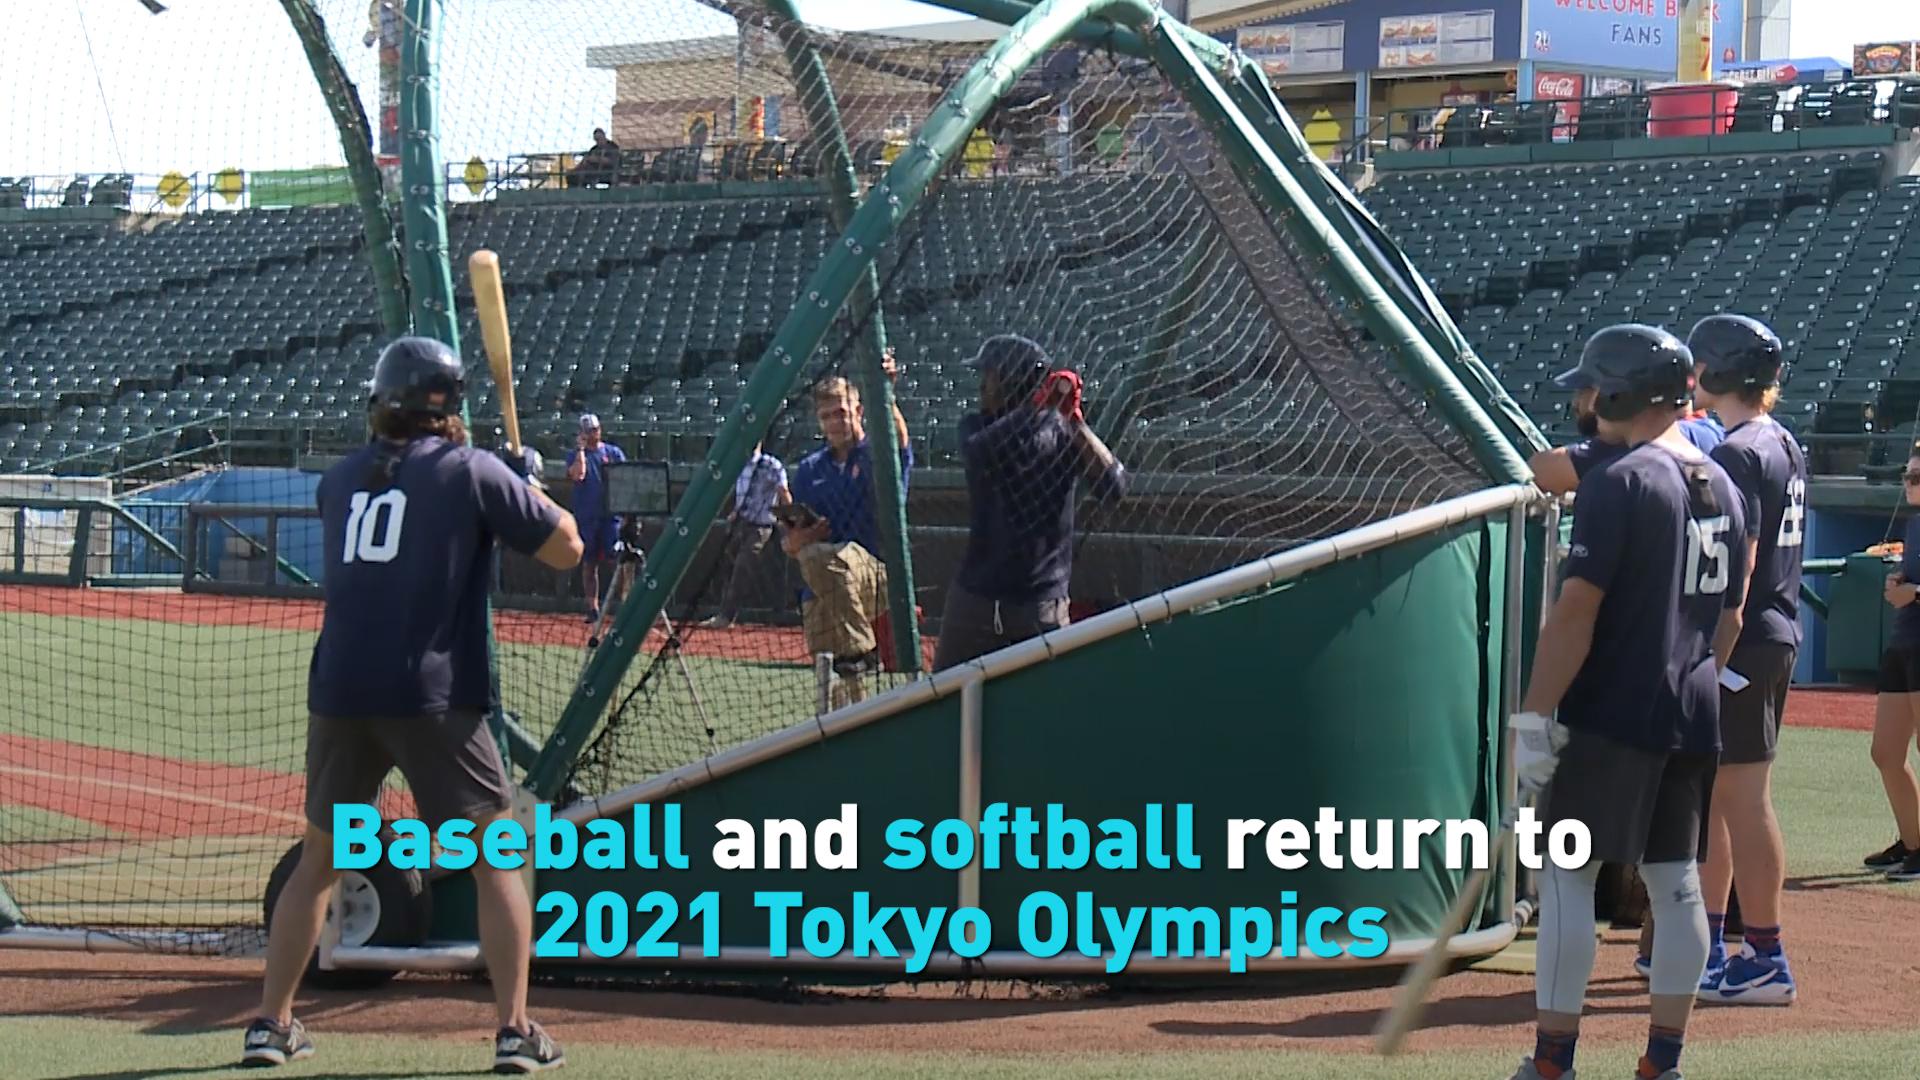 Baseball and softball return to 2021 Tokyo Olympics - CGTN